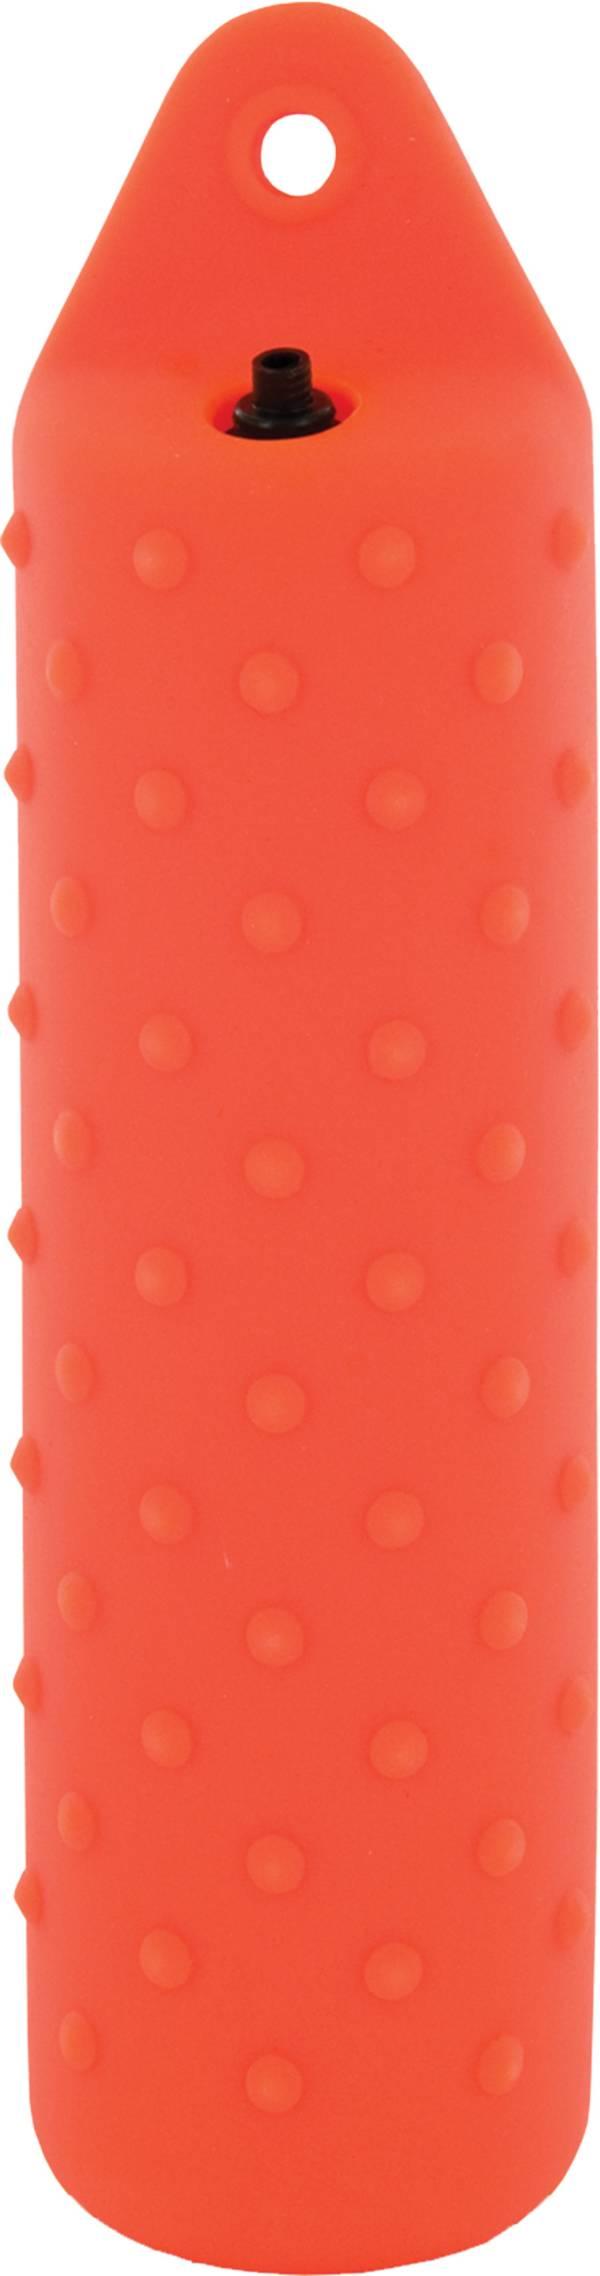 SportDOG Brand Jumbo Plastic Training Dummy product image